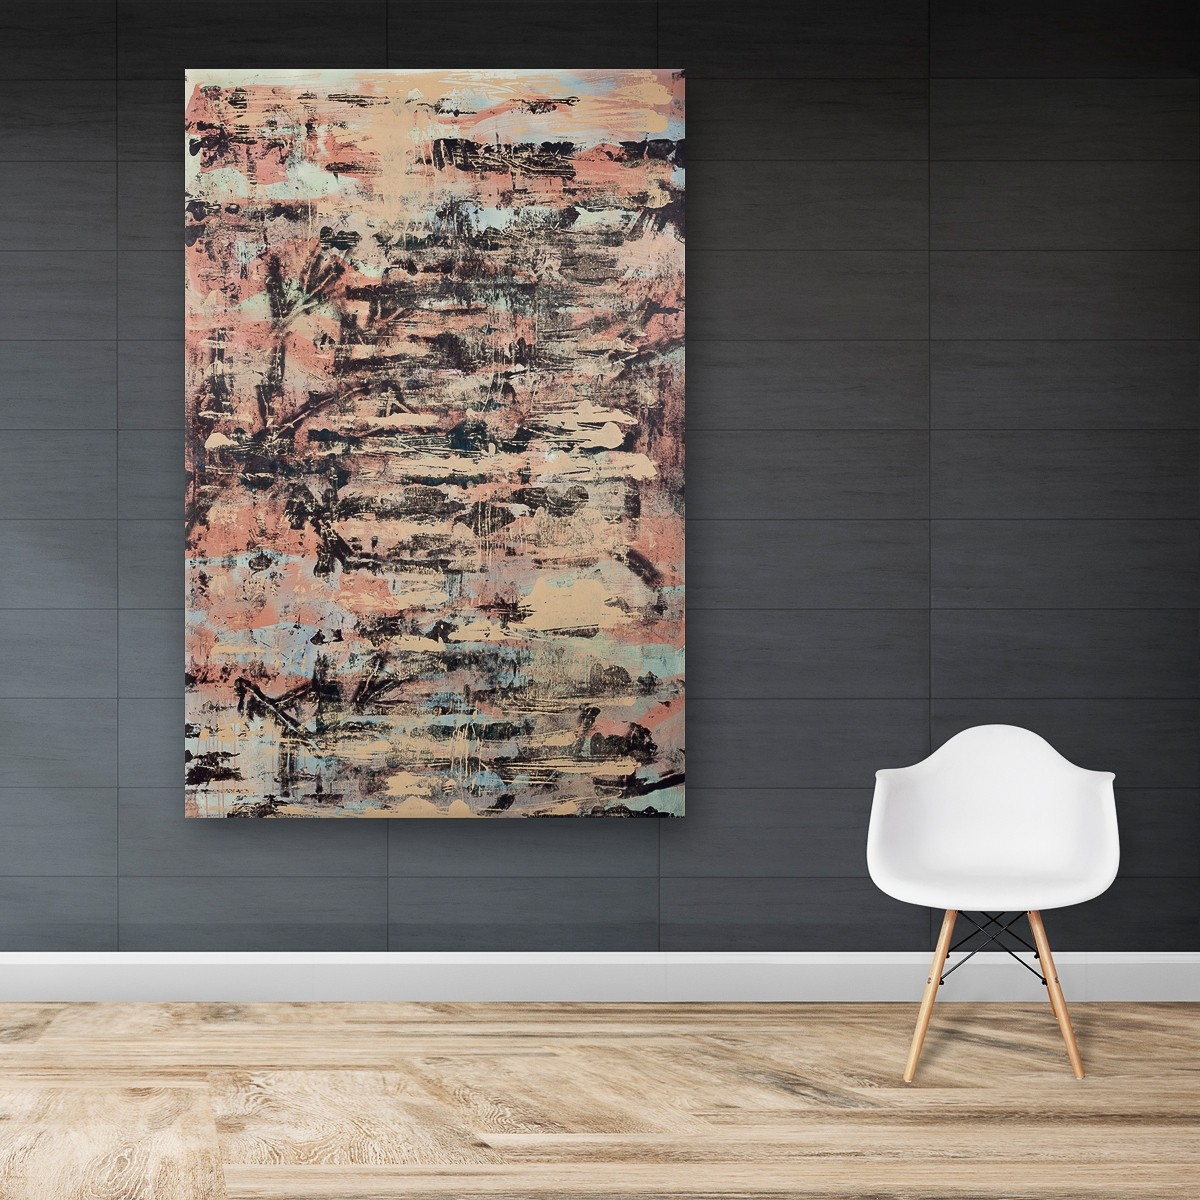 Spurensicherung_04, Malerei von Malwin Faber, Acryl und Sprühlack auf Leinwand - 03